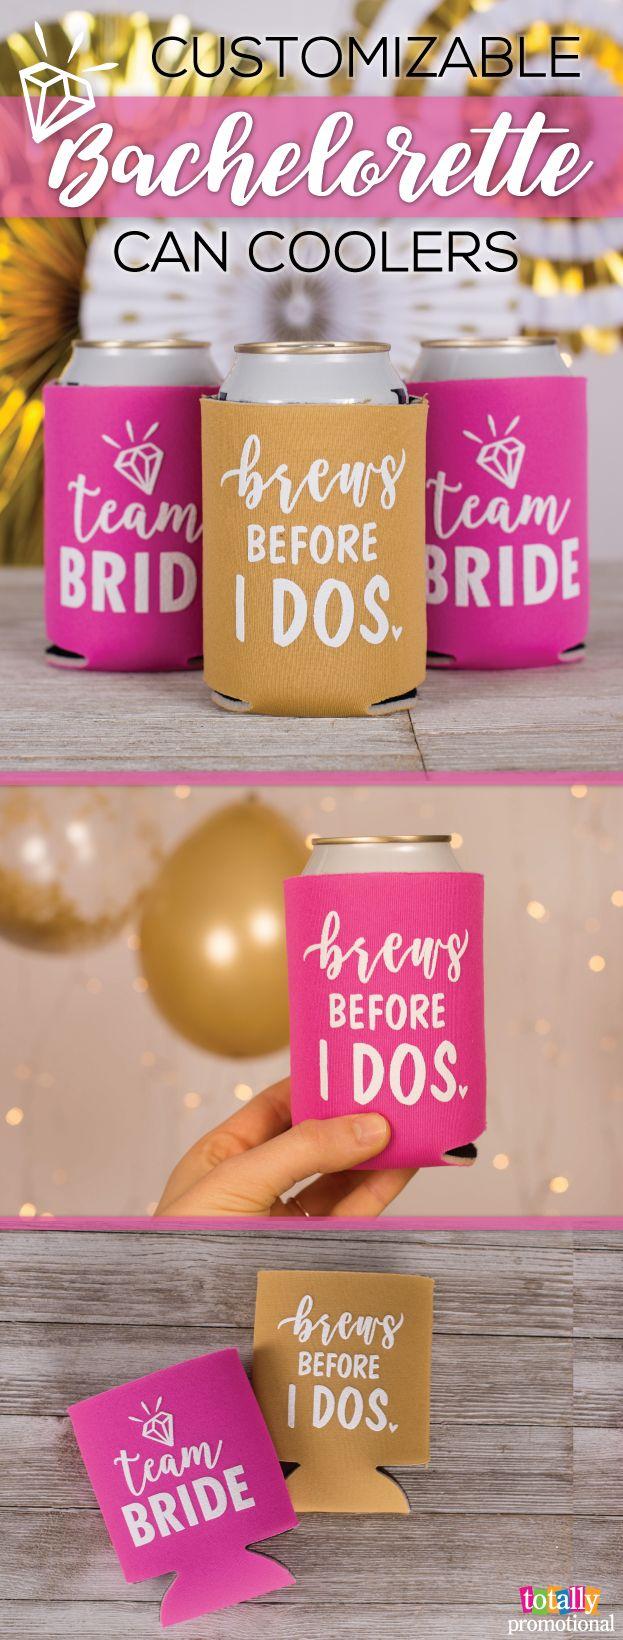 131 best Bachelorette Party Ideas images on Pinterest